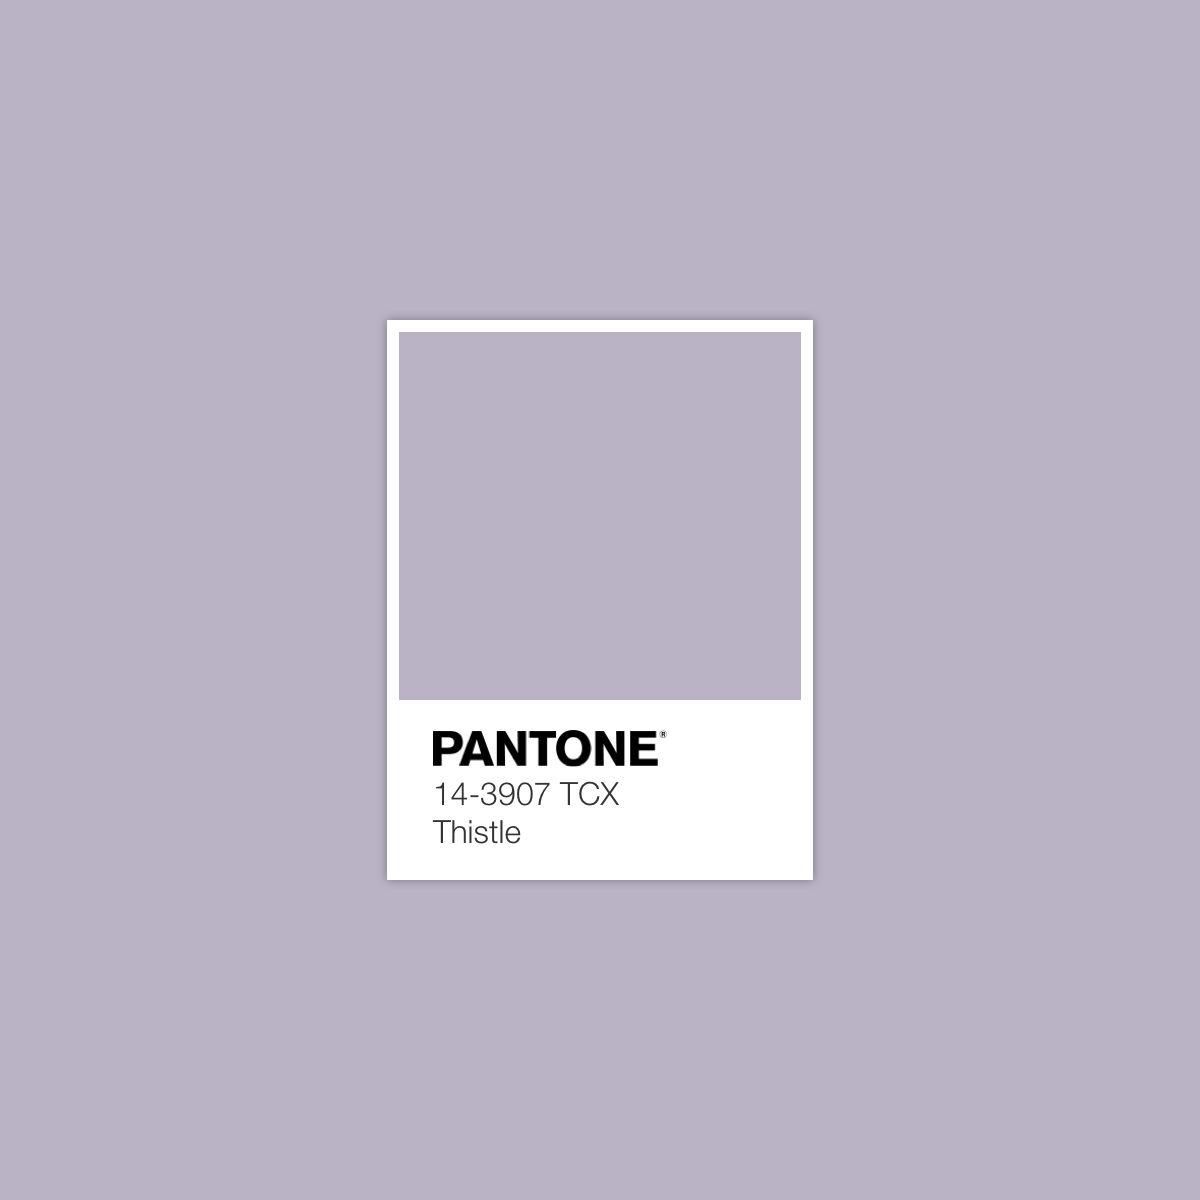 Thistle March 16 2018 Pantone Colour Palettes Pantone Color Vintage Color Schemes